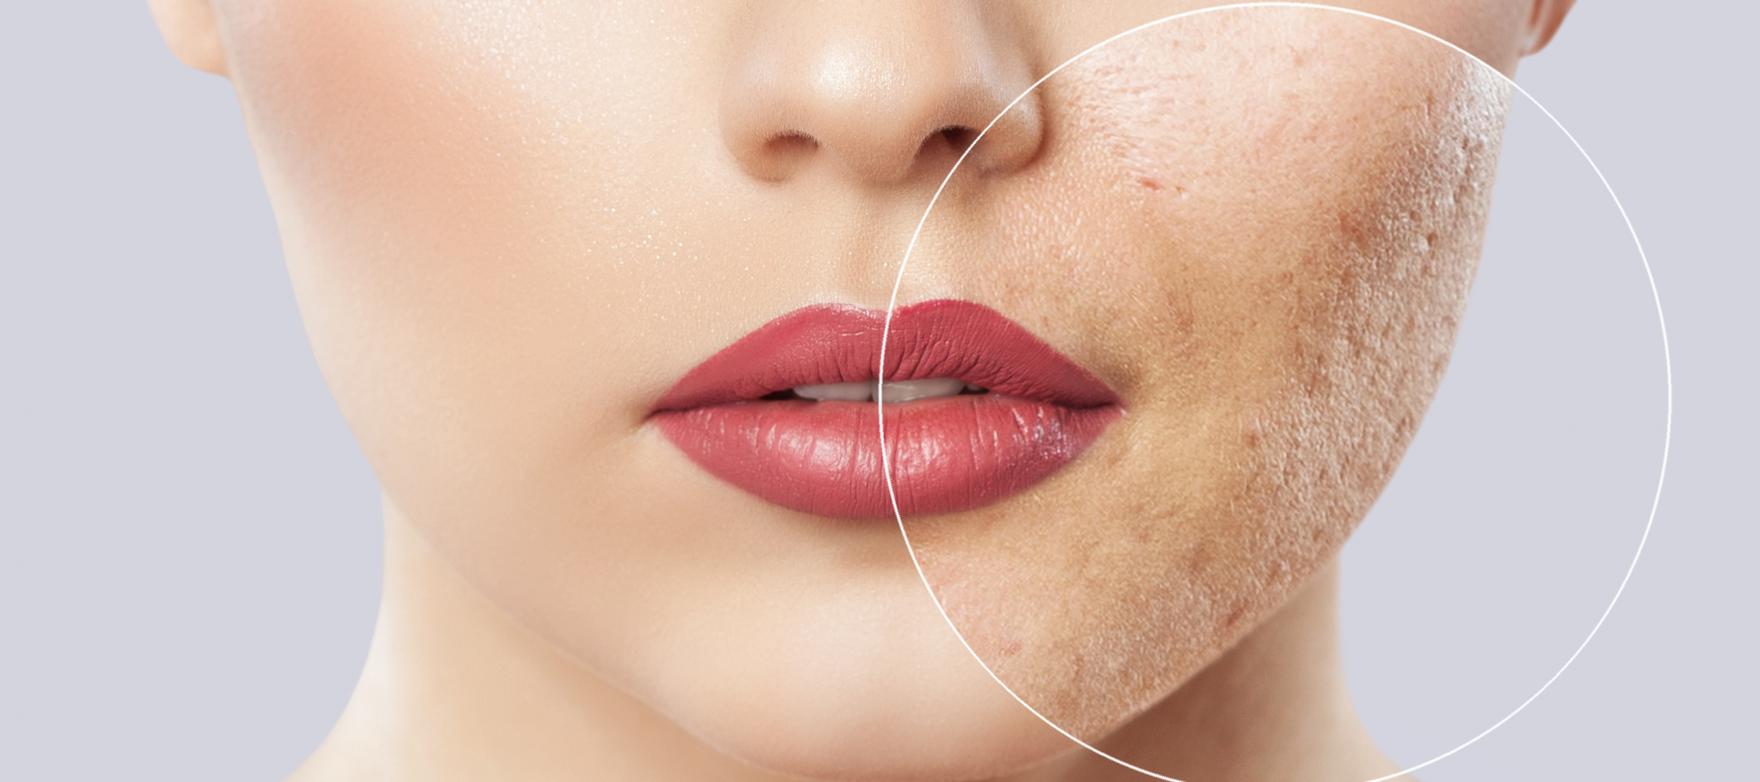 cura cicatrici da acne dermatologa deluzio bari rutigliano